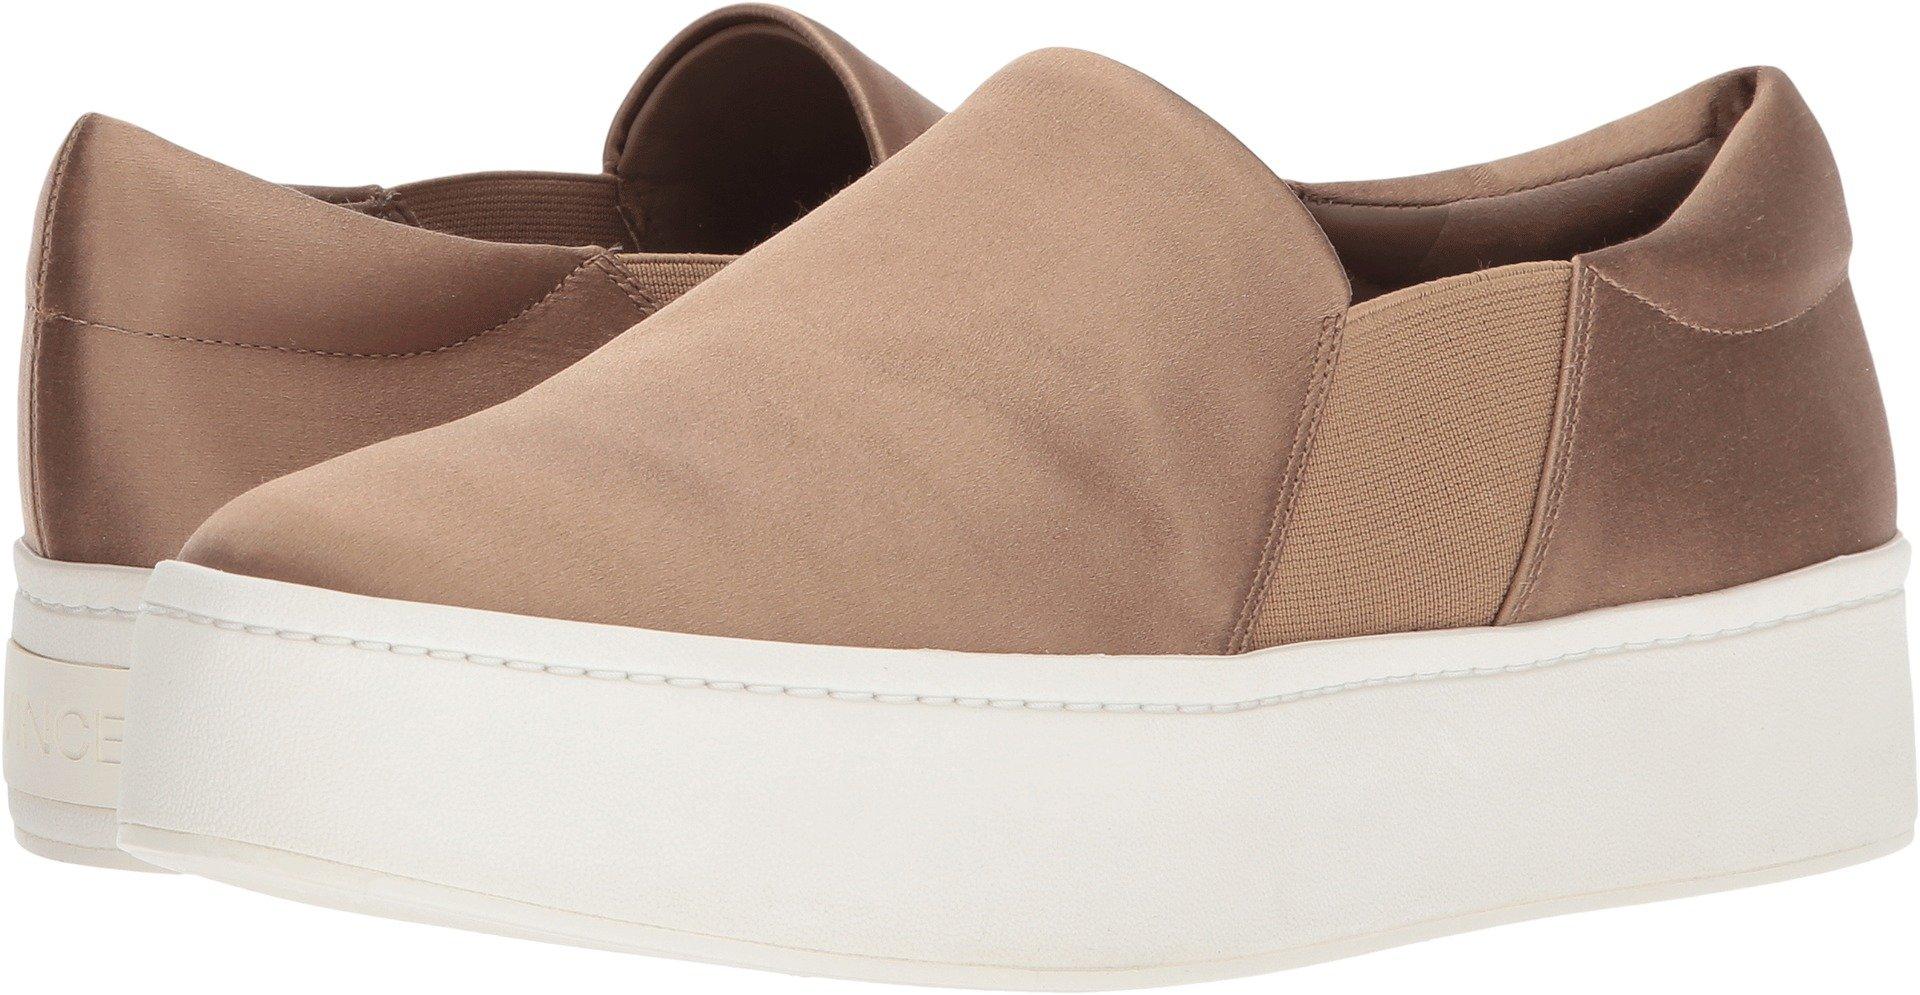 Vince Women's Warren Platform Sneakers, Fawn, 9 B(M) US